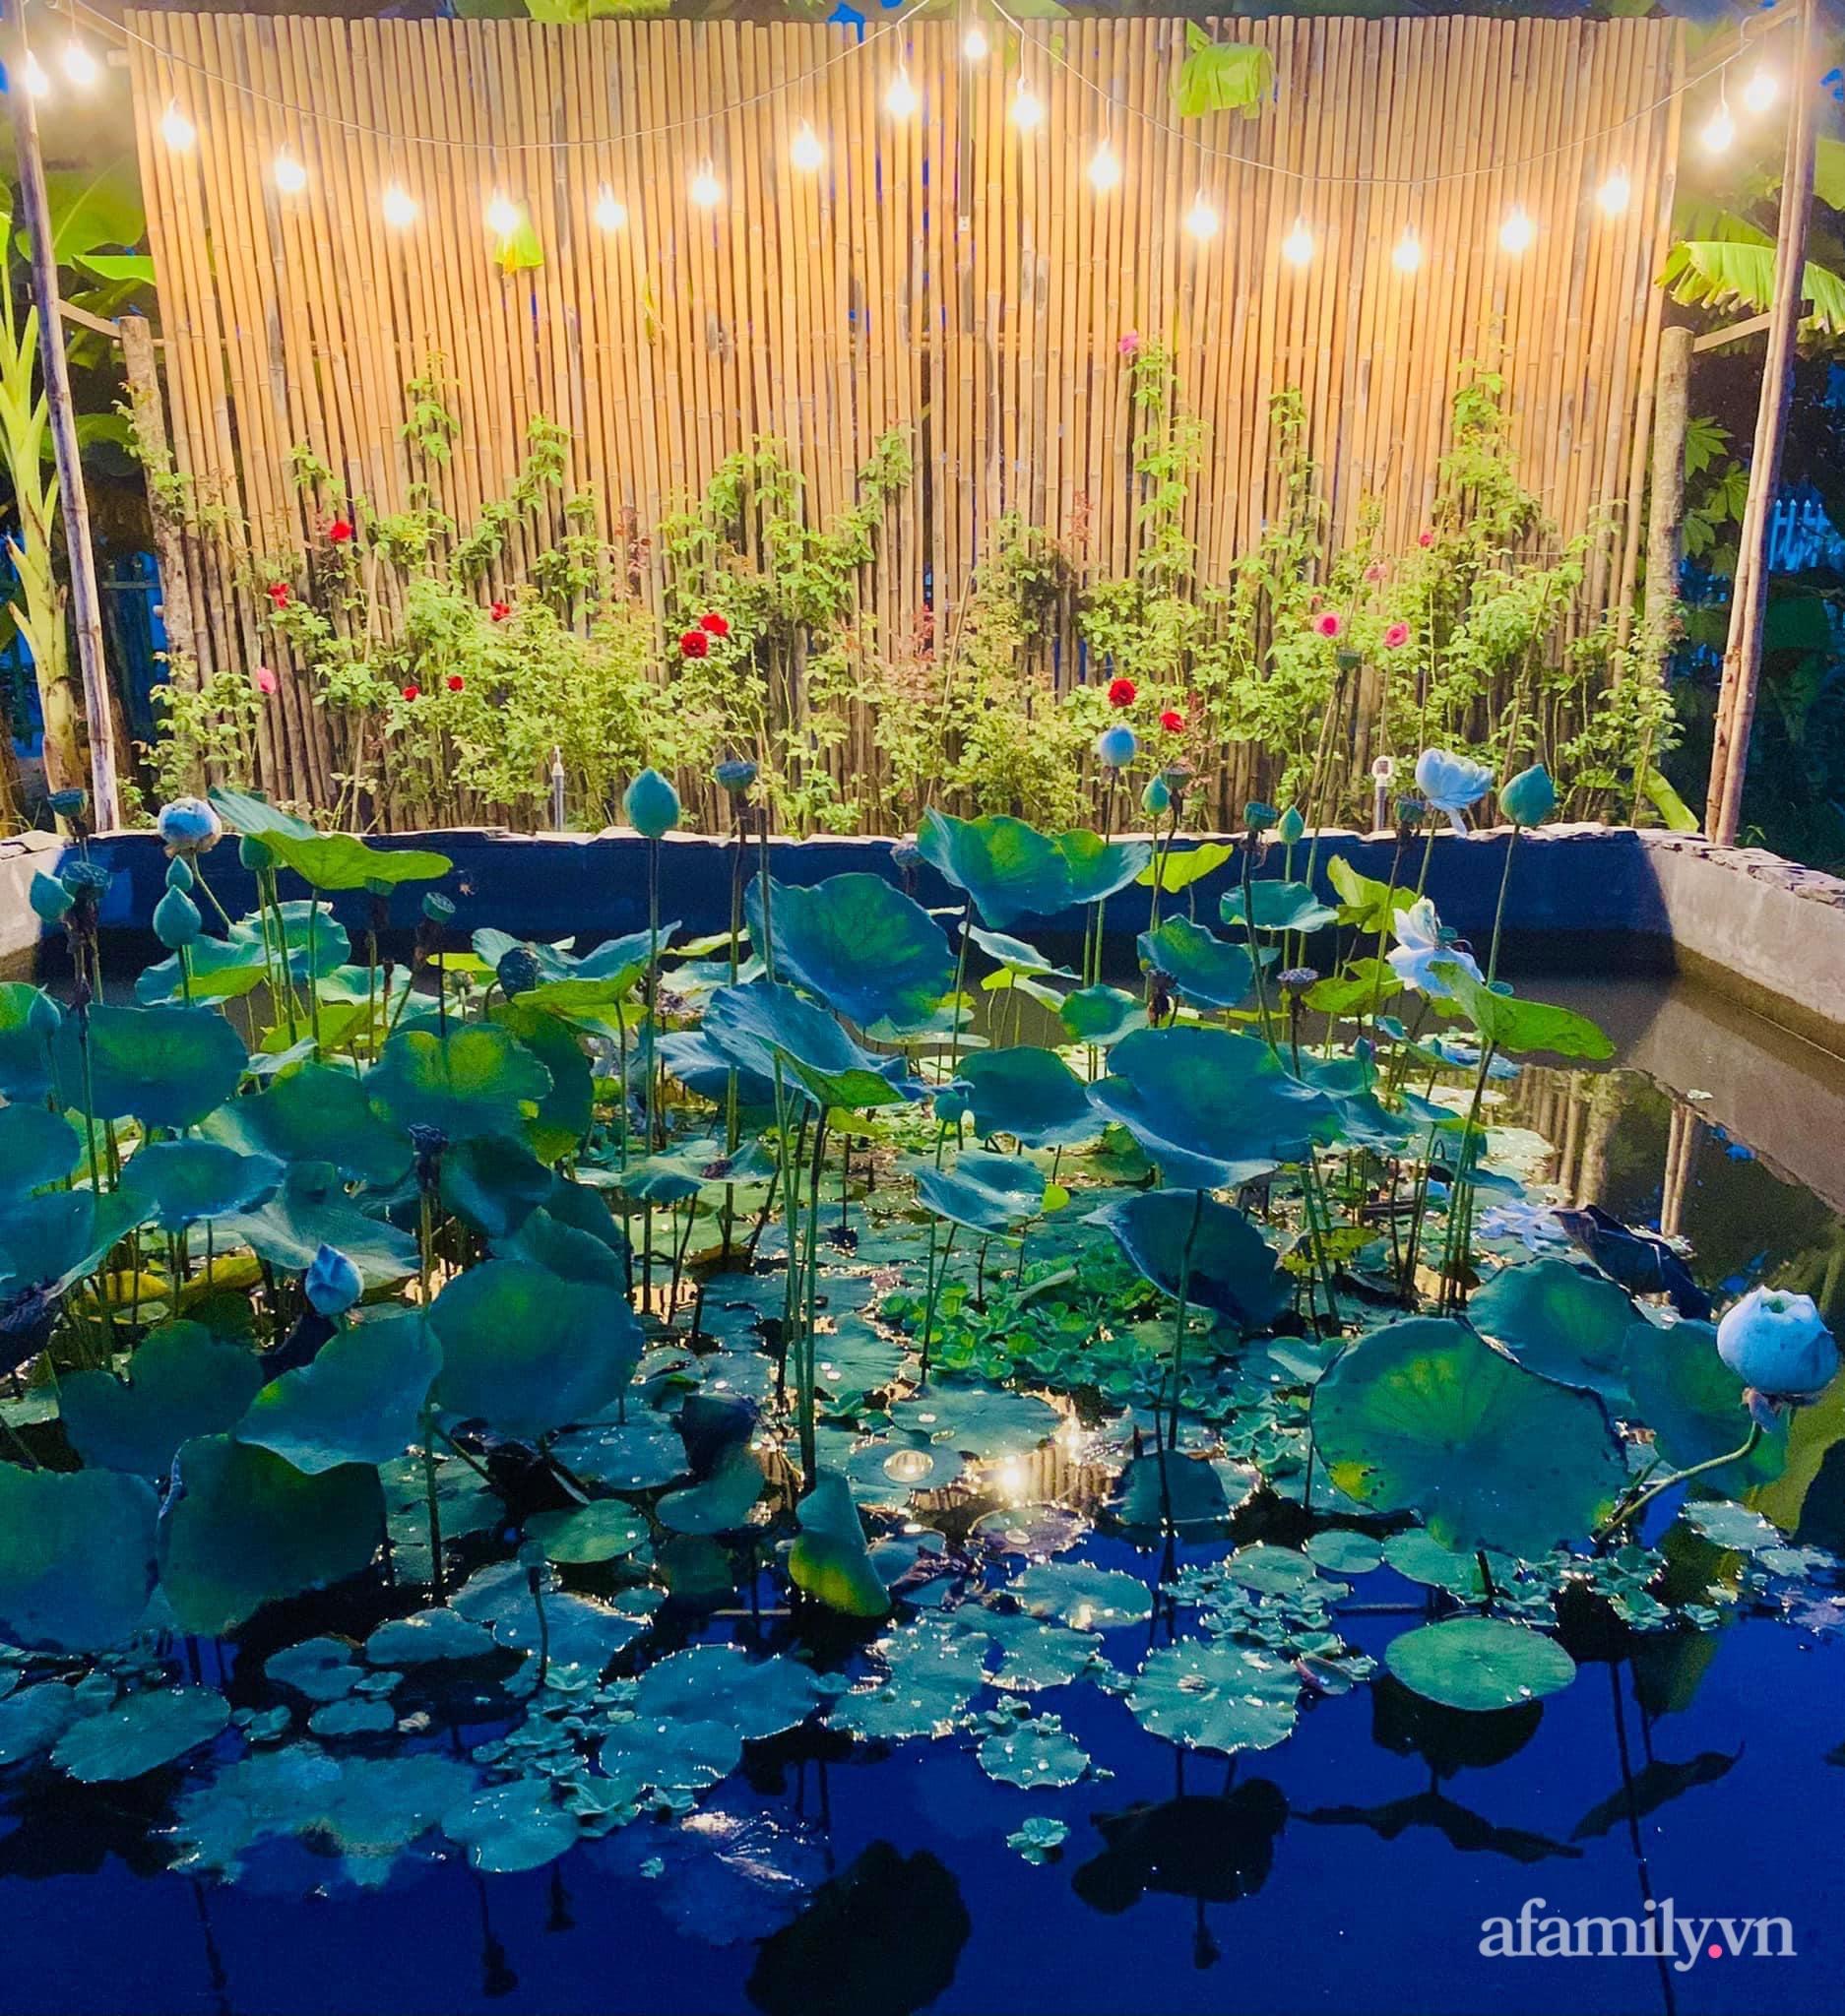 Sống an yên giữa dịch COVID nhờ ao cá vườn cây xanh mát tốt tươi ở Bạc Liêu - Ảnh 4.